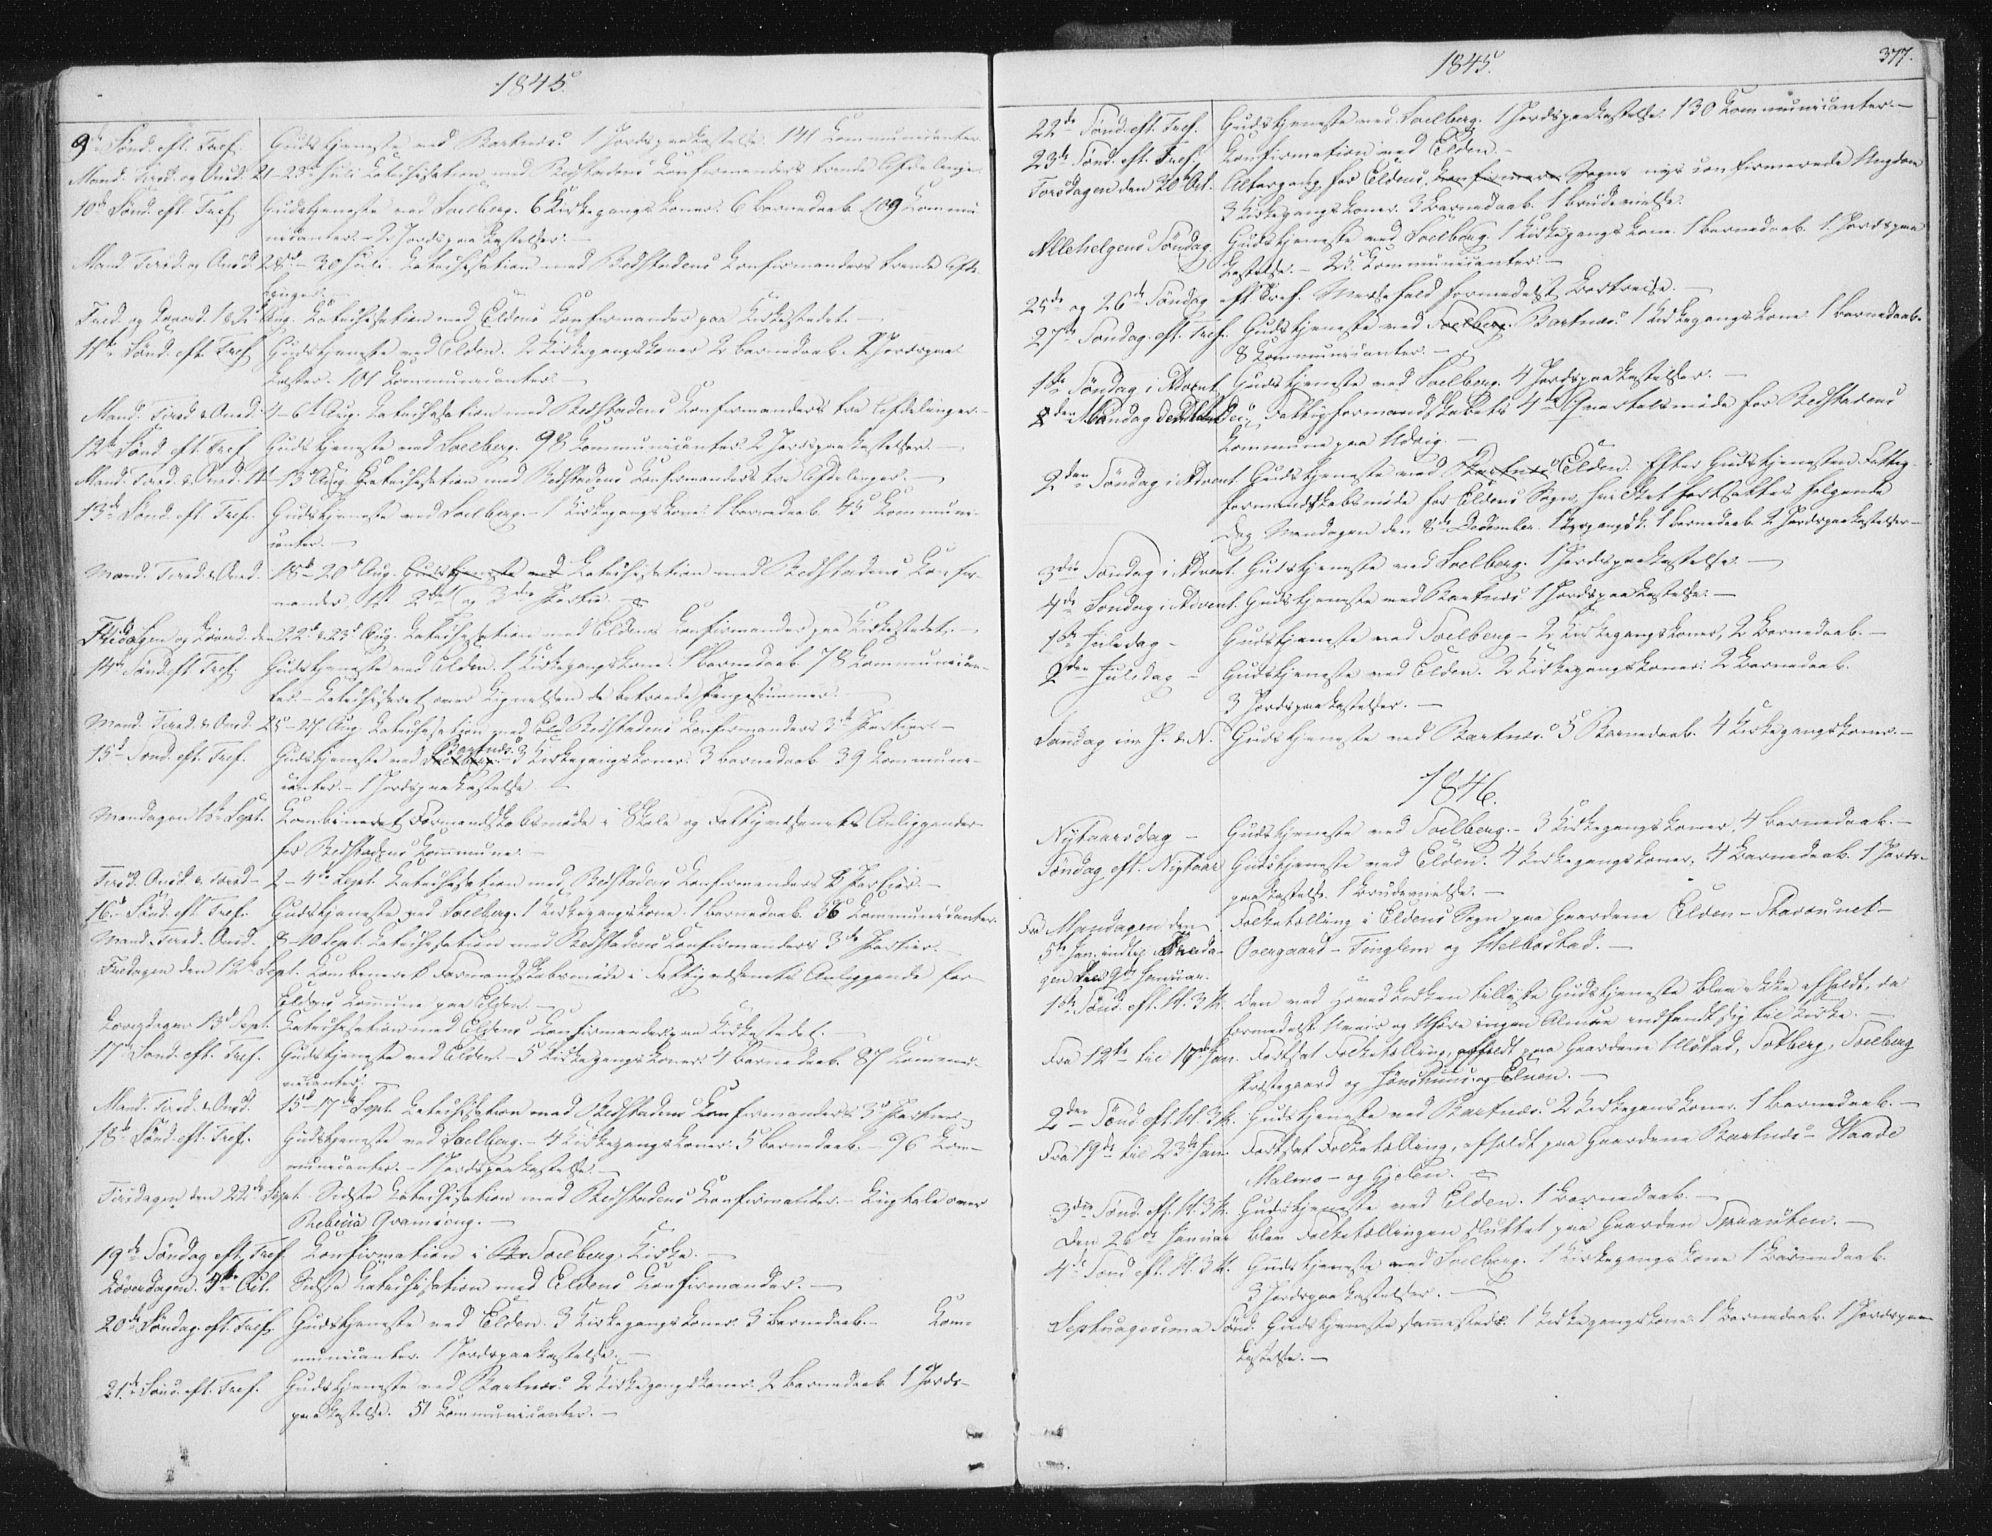 SAT, Ministerialprotokoller, klokkerbøker og fødselsregistre - Nord-Trøndelag, 741/L0392: Ministerialbok nr. 741A06, 1836-1848, s. 377